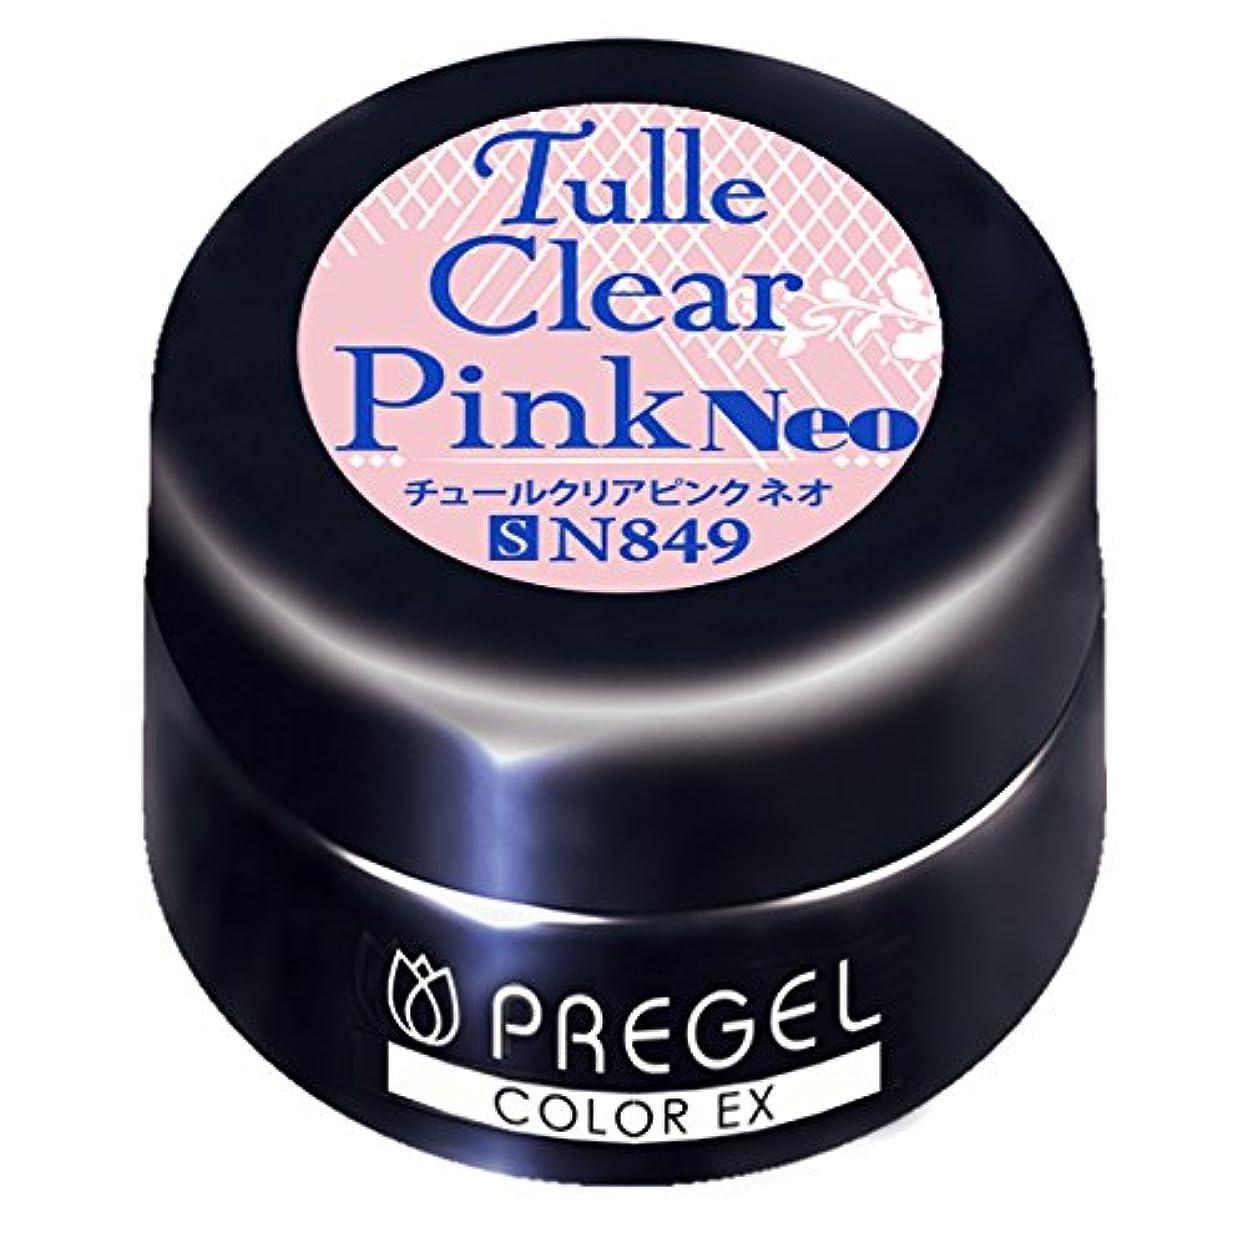 スプレー一般的なセットするPRE GEL カラーEX チュールクリアピンクneo849 3g UV/LED対応